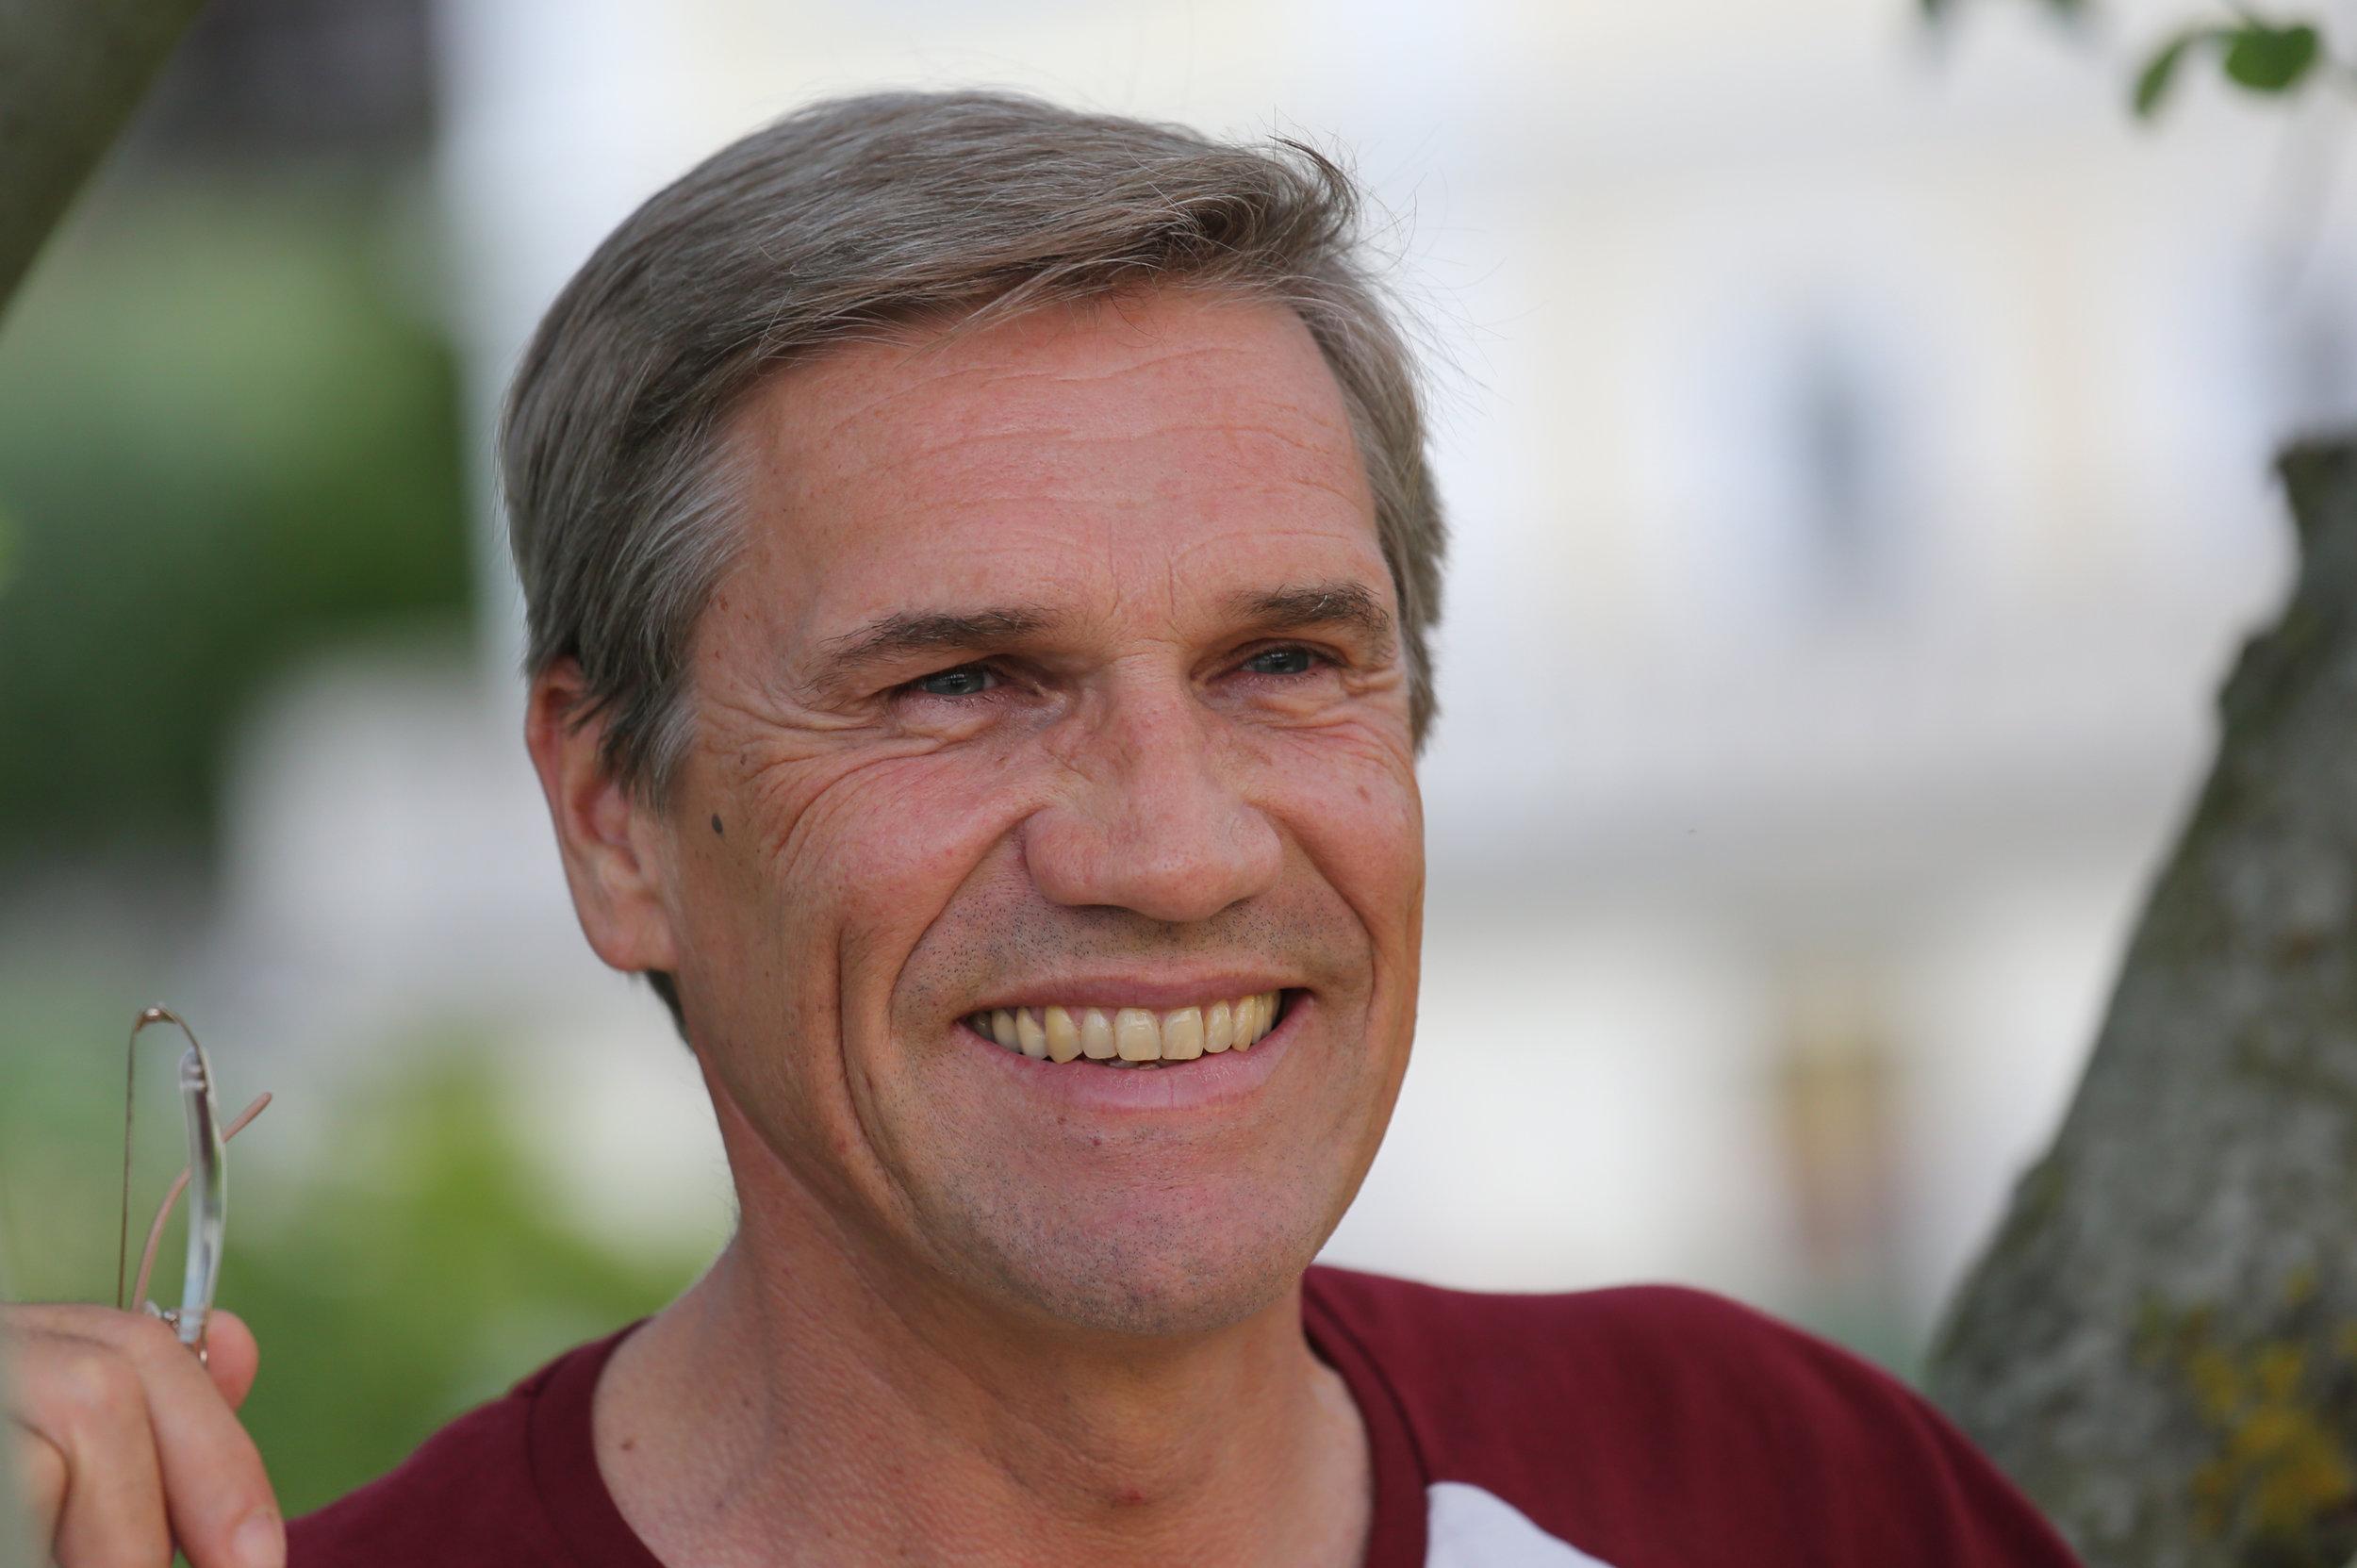 Profilbild_Fischer Klaus.jpg